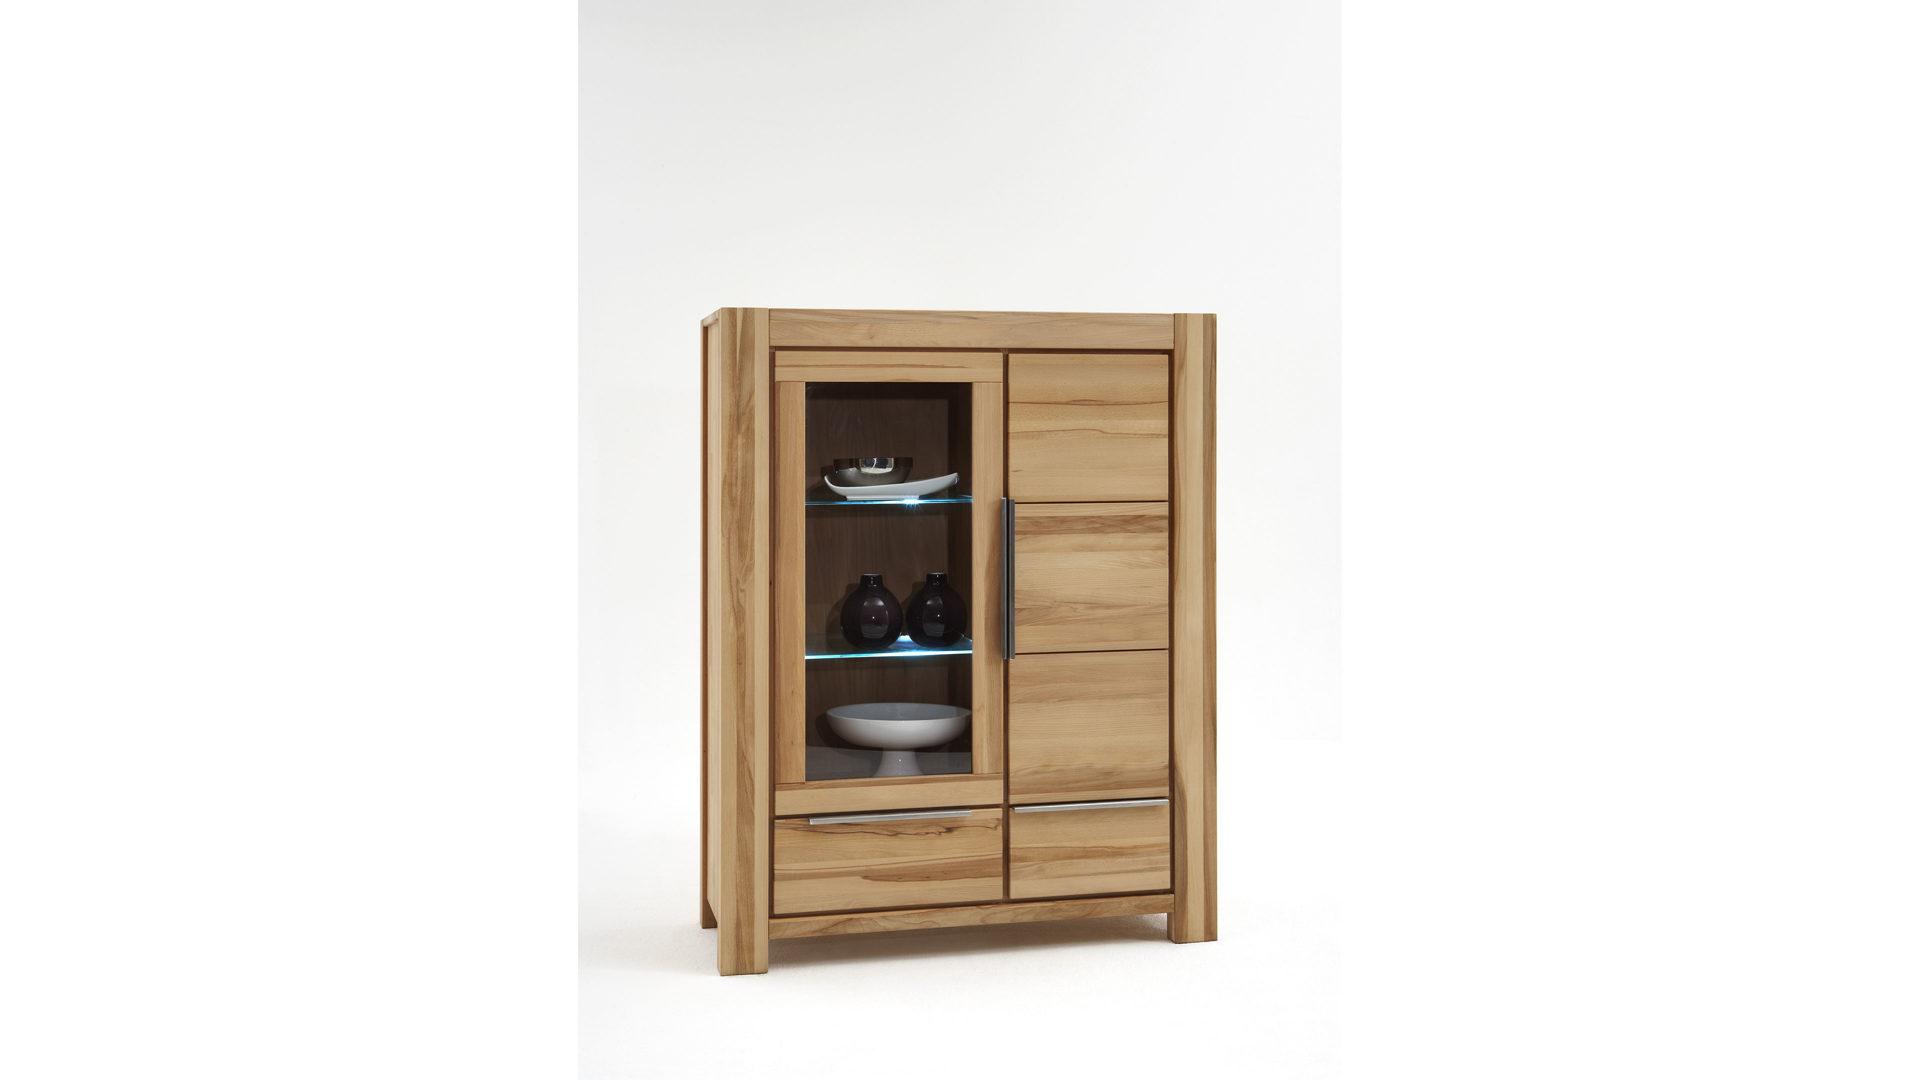 Vitrine Elfo Möbel Aus Holz In Holzfarben Hell Massivholz Vitrine, Eine  Kommode Mit